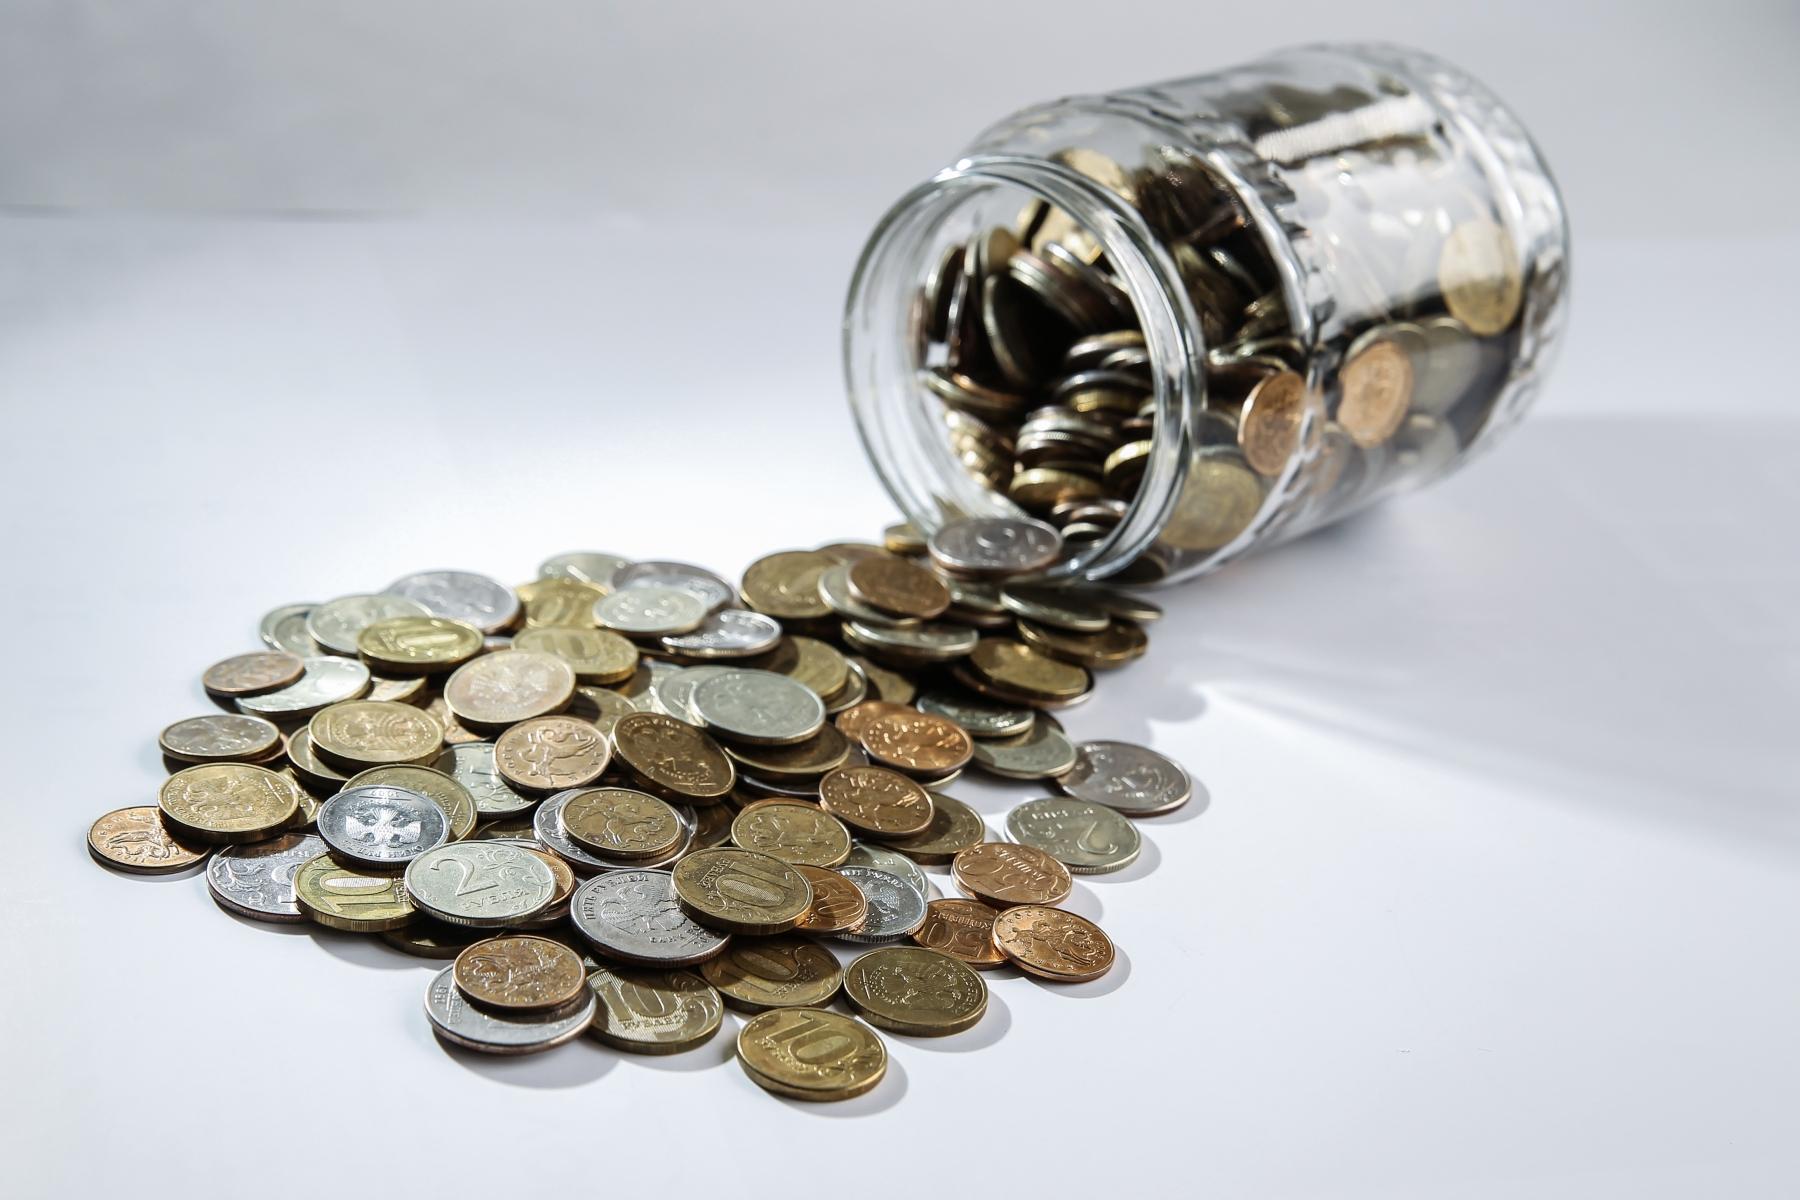 картинки денежных банковской сидит